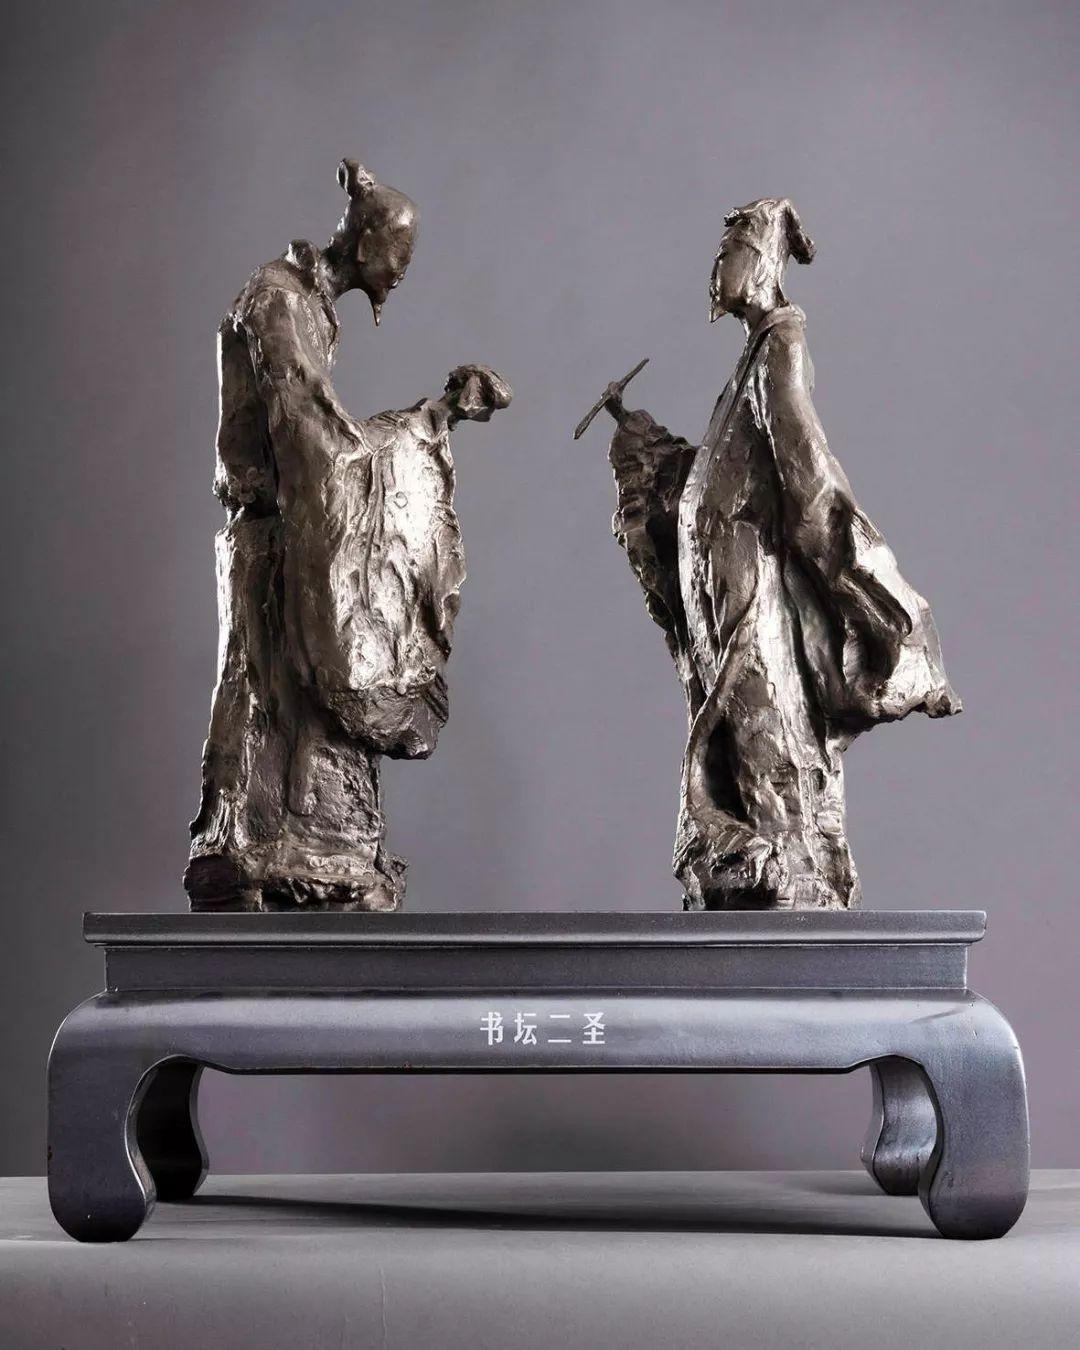 第十三届全国美展·雕塑作品展插图445